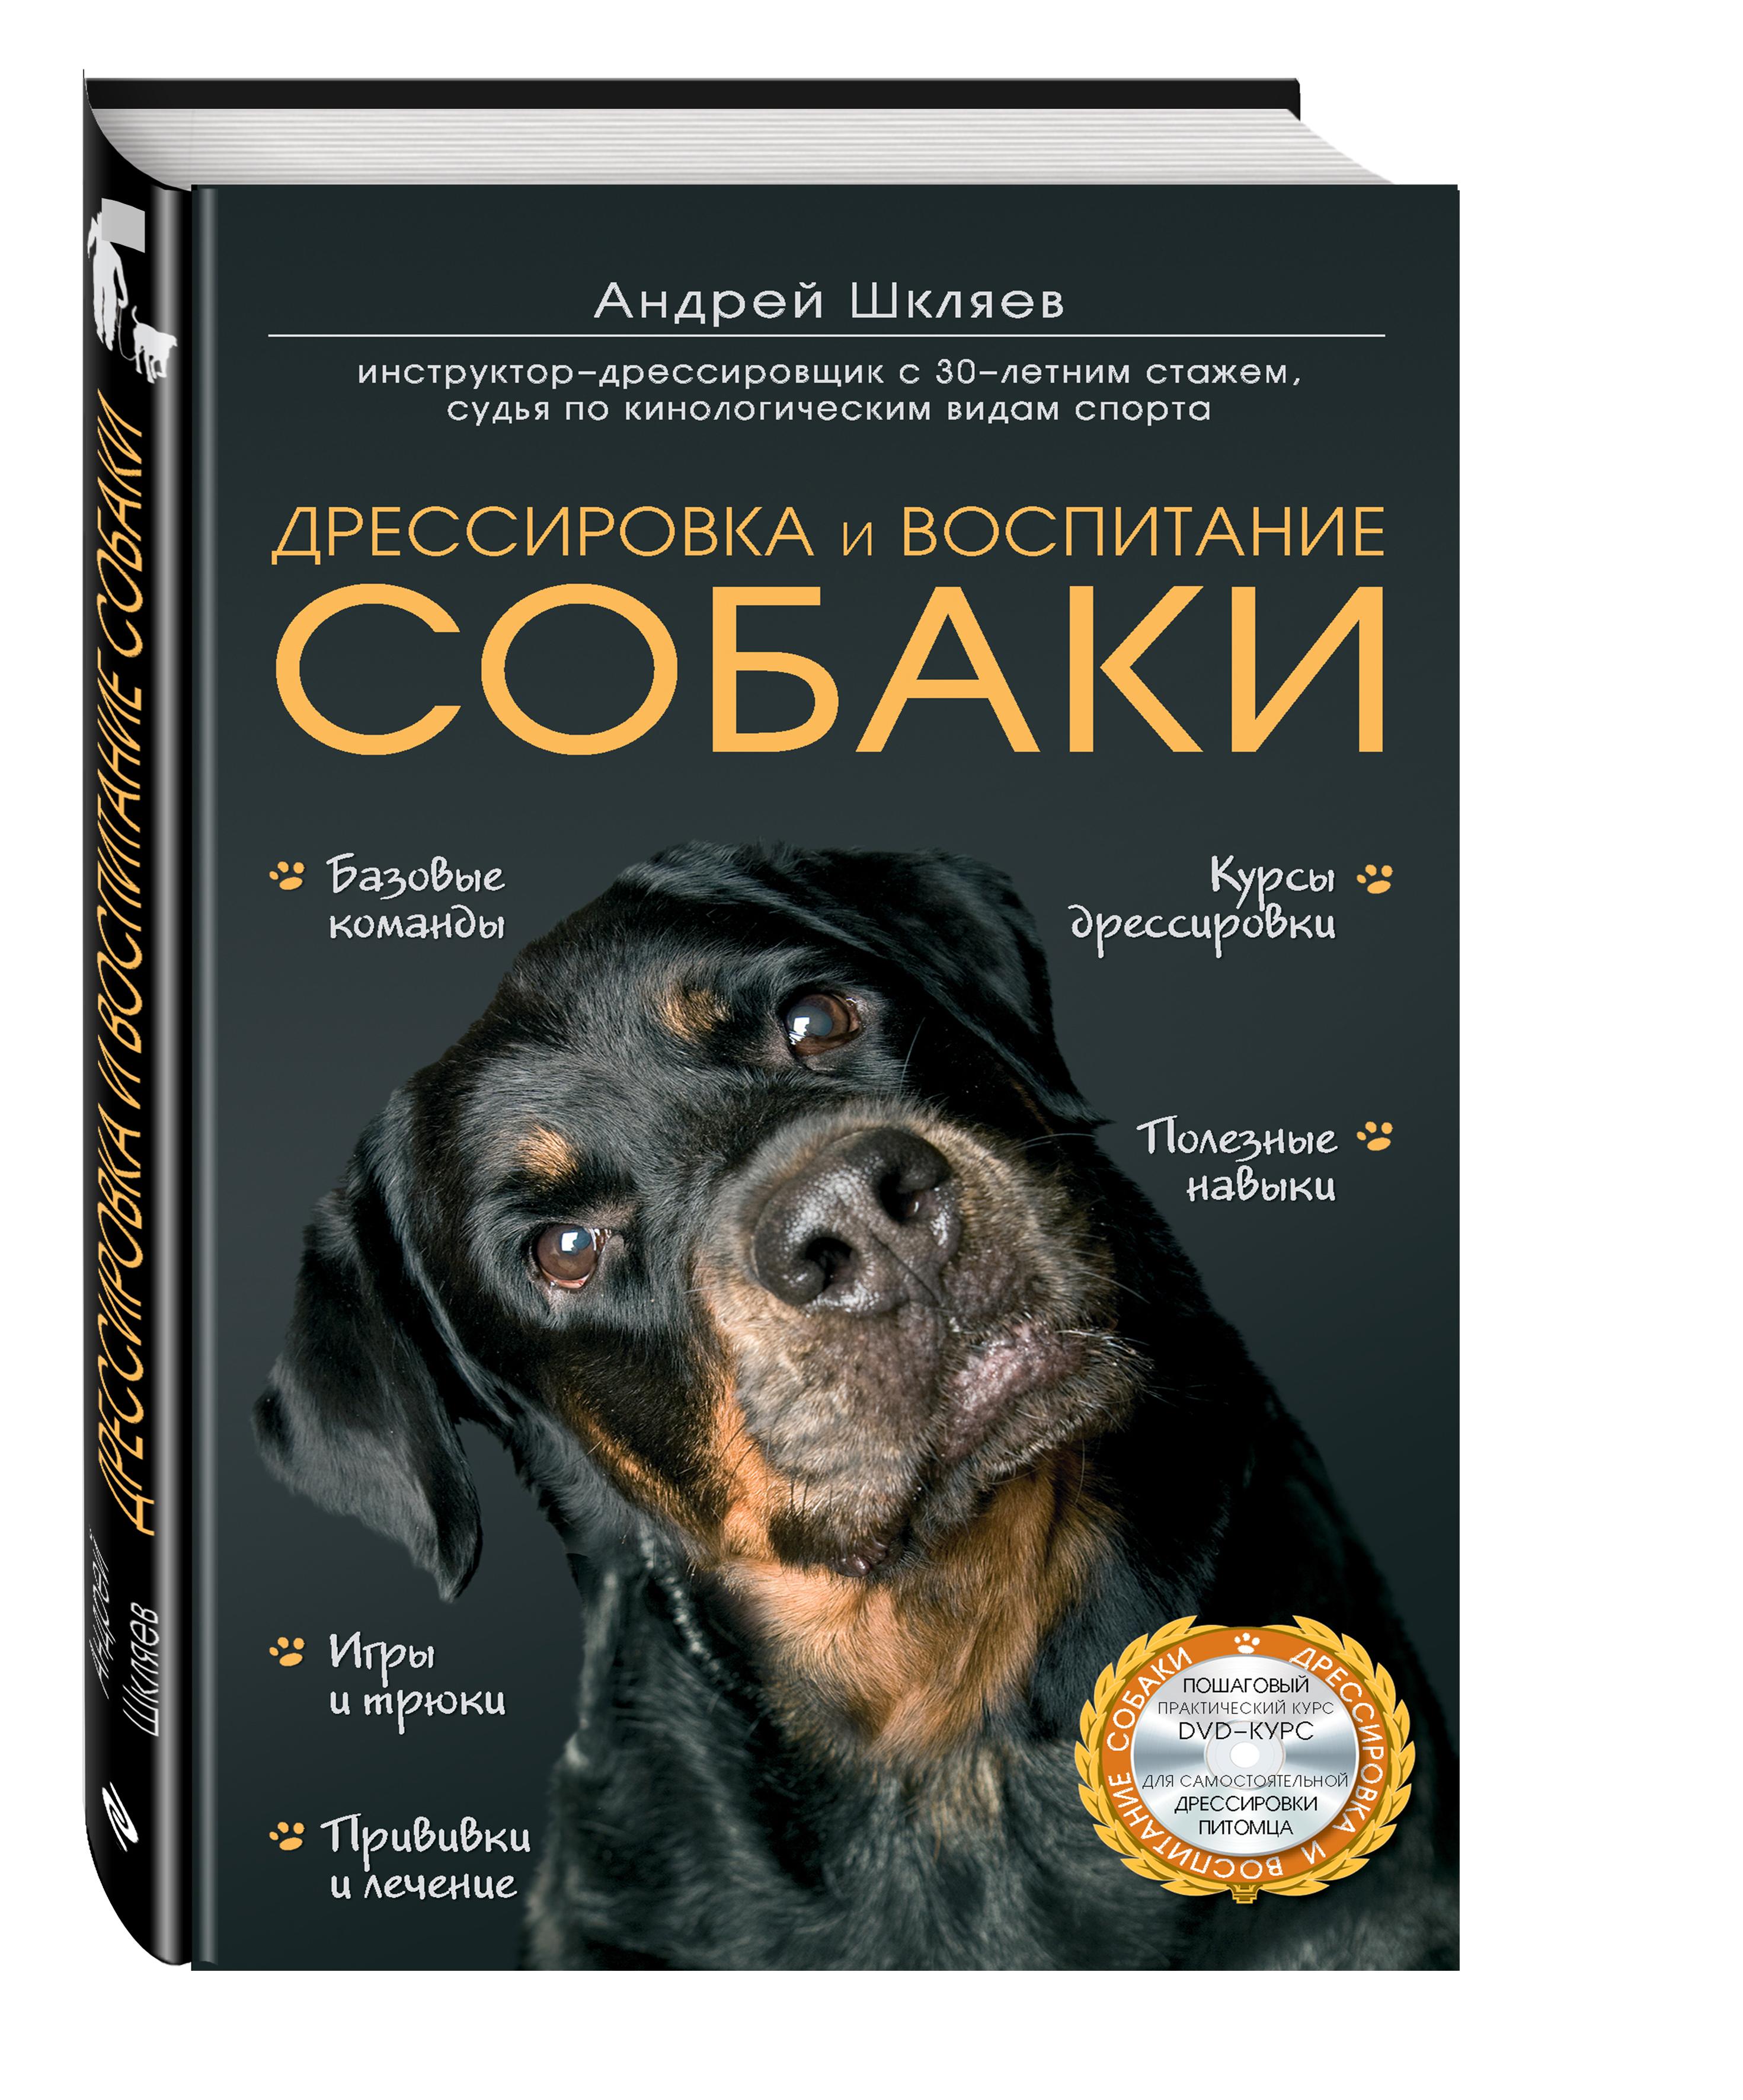 Дрессировка и воспитание собаки (+DVD) от book24.ru